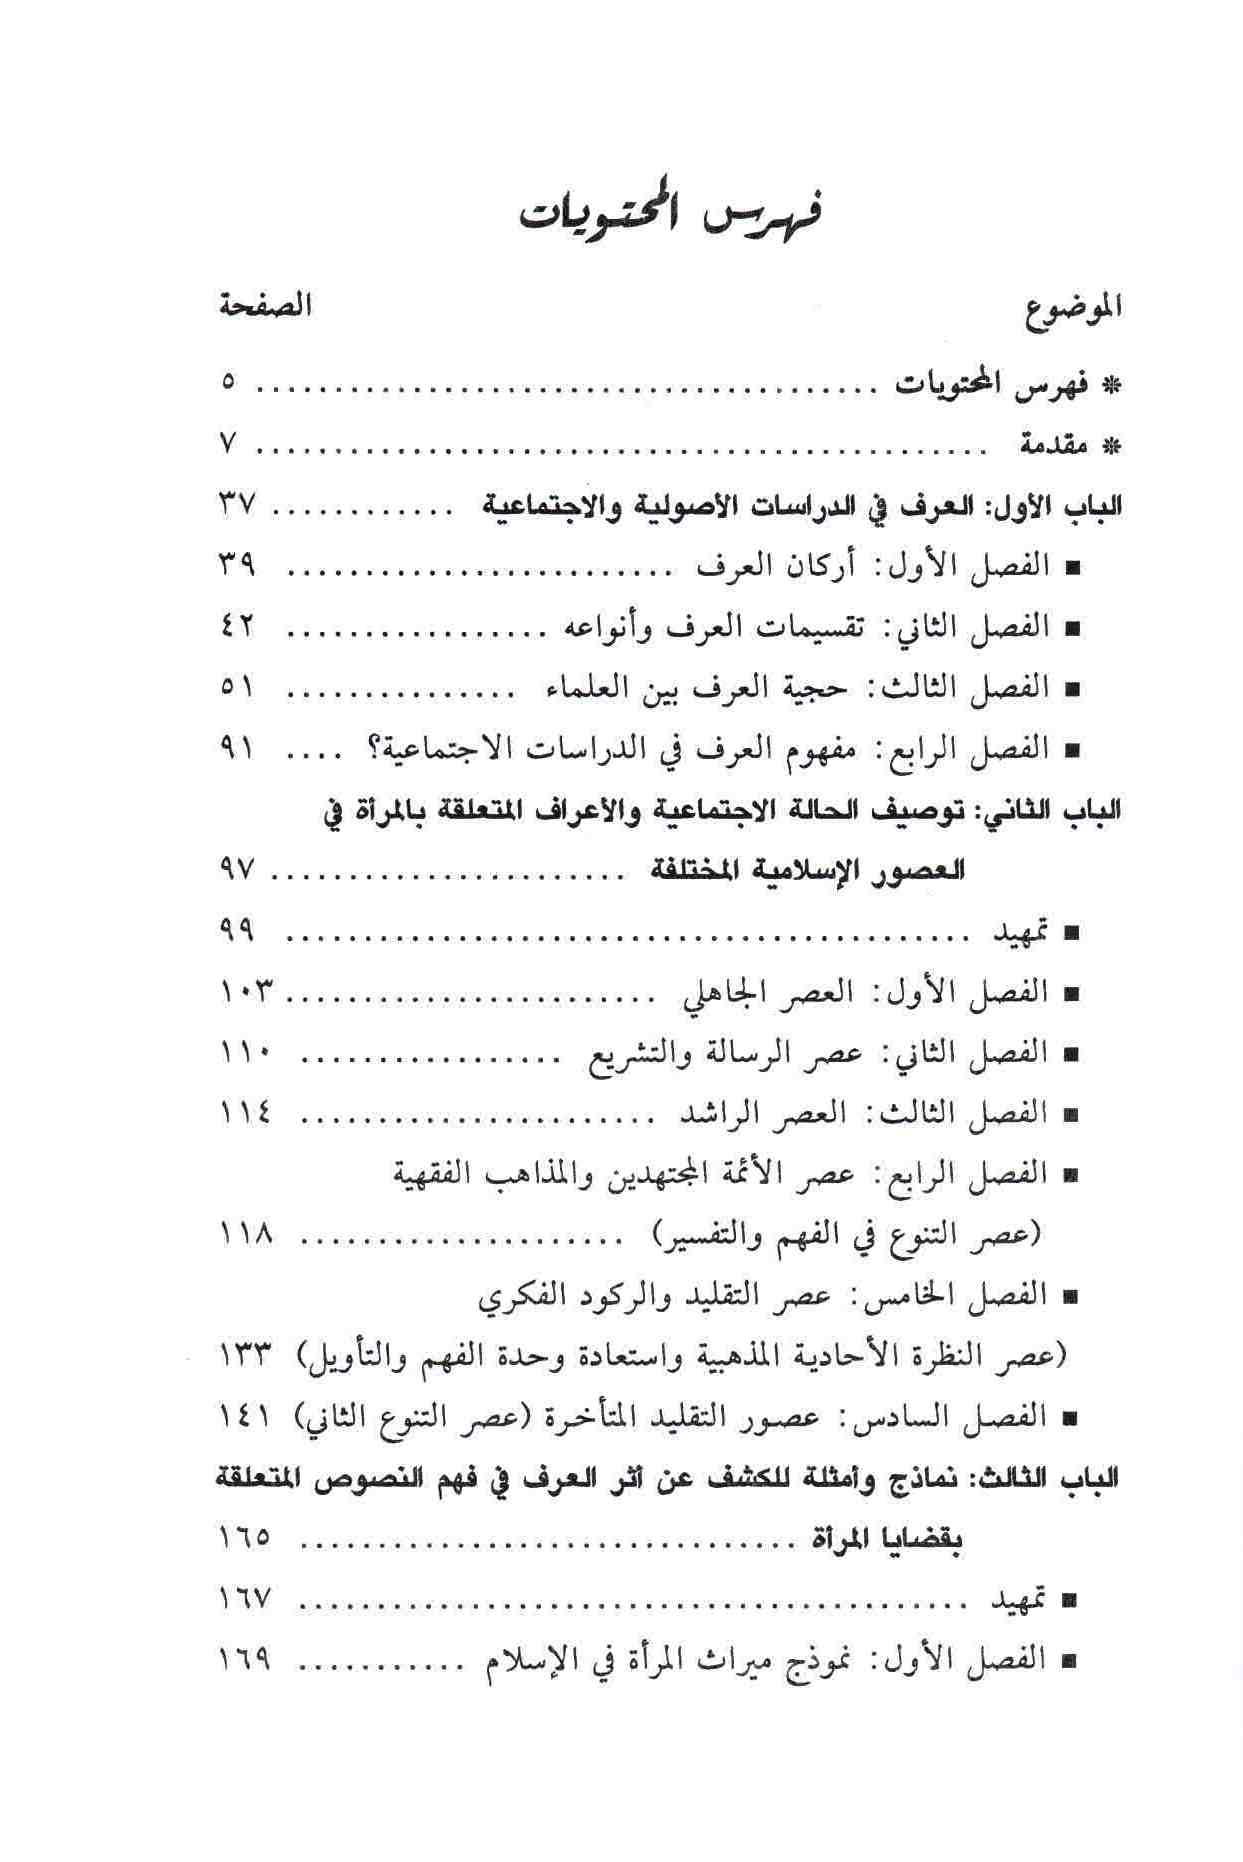 ص 5 محتويات كتاب أثر العرف